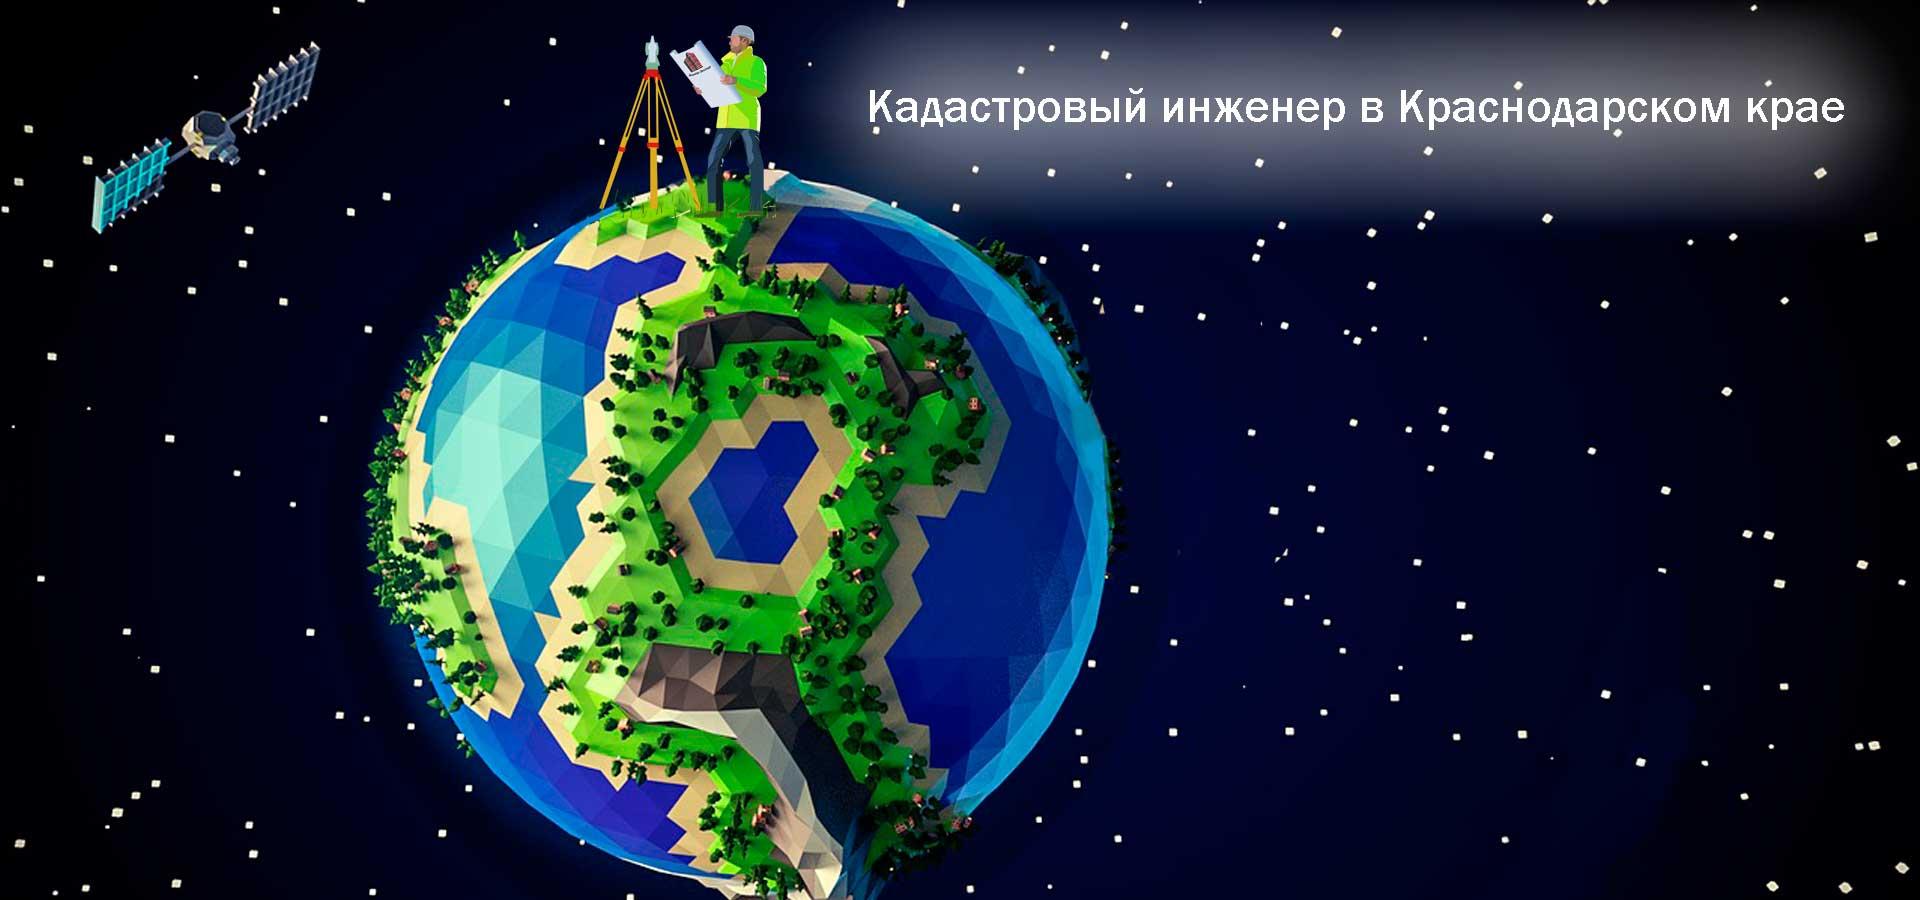 Кадастровый-инженер-в-краснодаре-и-крае-онлайн